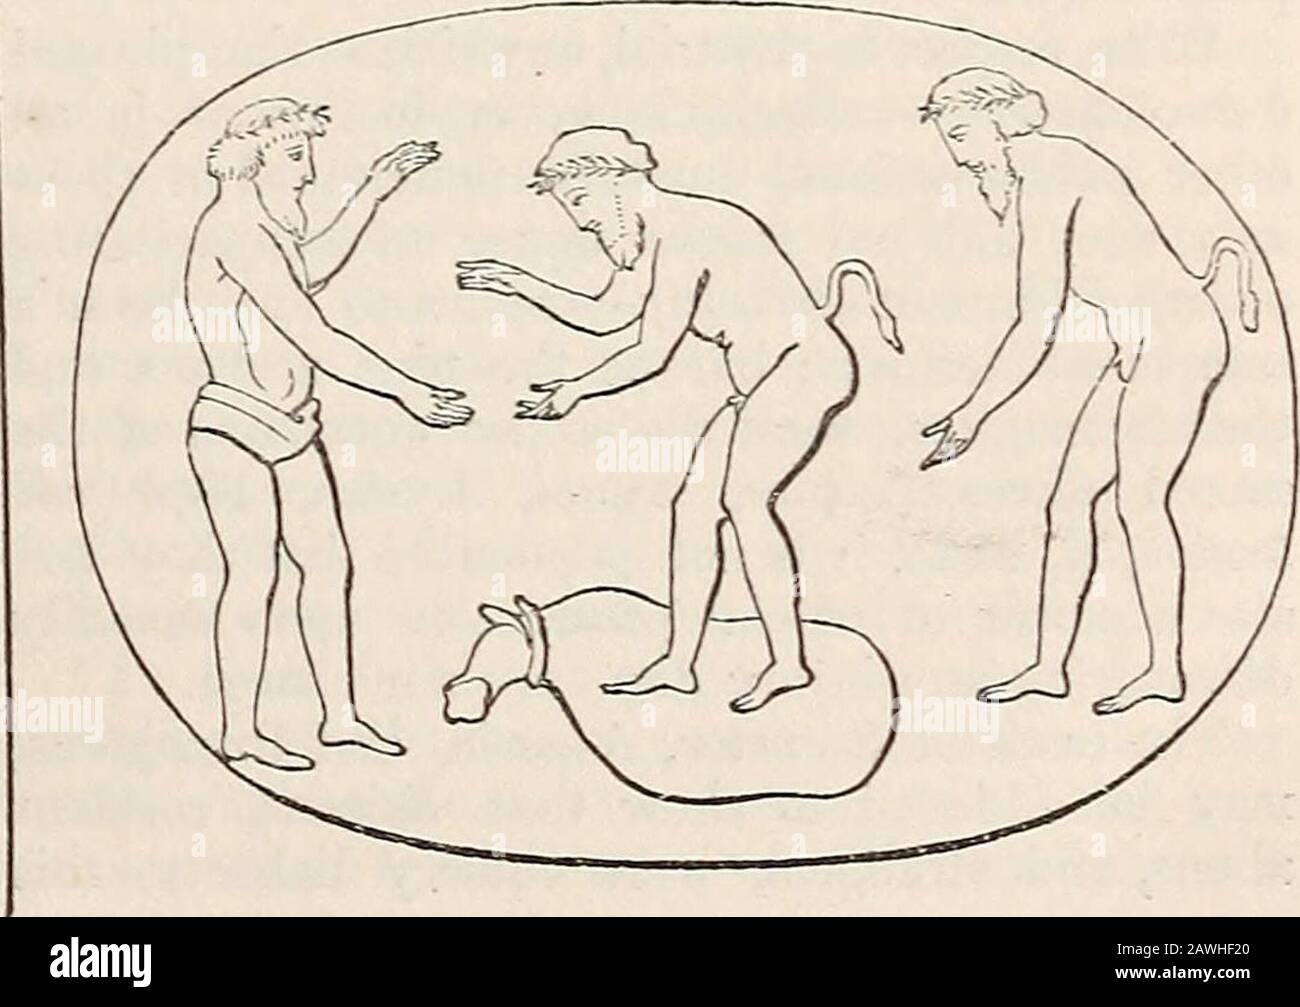 Un dizionario di antichità greche e romane.. . Per quanto riguarda il motivo per cui Ascia è rappresentata monumenti onsepulchral, si veda Forcellini, Lexicon, s.v. [J. Y.] ASCLEPIEIA (aaxXriTTUia), il nome di festi-vals che probabilmente sono stati celebrati in tutti i placeove templi di Asclepius (Aescidapius) esistito.il più celebrato, tuttavia, è stato quello di Epi-daurus, che ha avuto luogo ogni cinque anni, è stato solennizzato con concorsi di processioni rsodiandad e giochi solenni. NEM. III. 145; Paus. II. 26. §. 7.)Ao-K7)Trieia sono anche menzionati a Lampsacus(Bbckh, Corp. Inscr. V Foto Stock